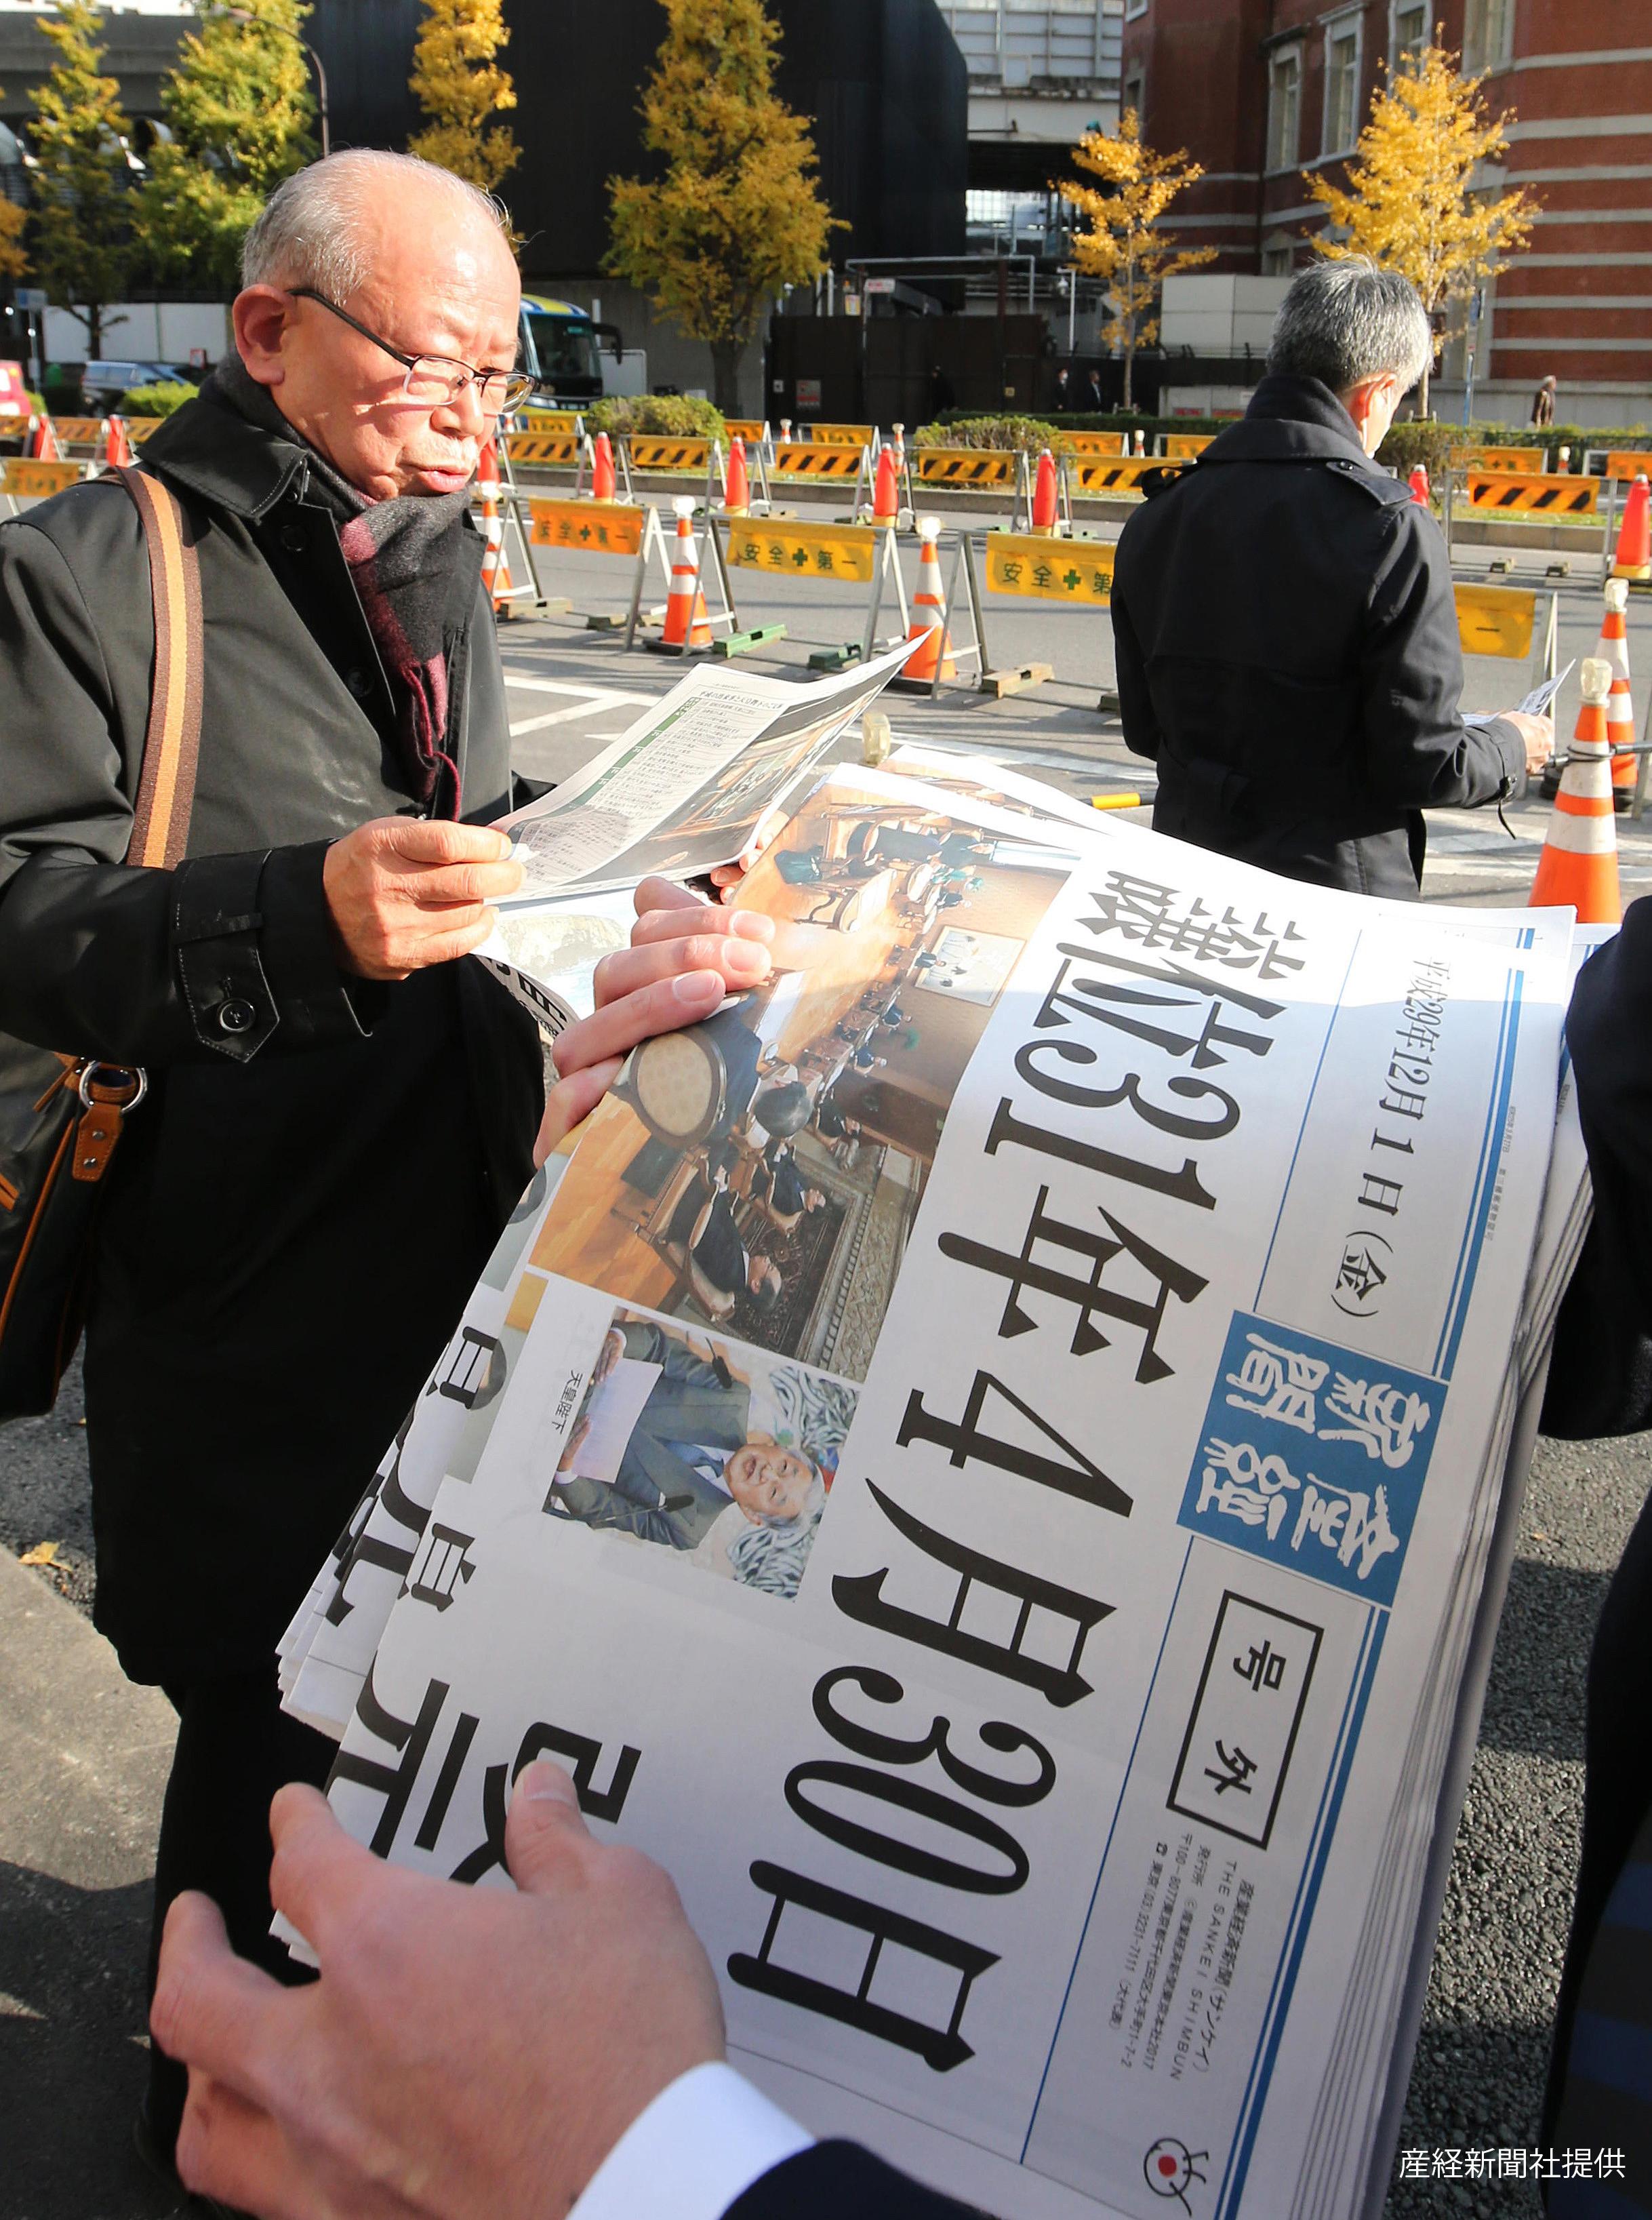 平成29年12月1日の皇室会議で「譲位31年4月30日」が決まり、史上4番目の長さとなる元号が幕を閉じることとなり号外も発行された